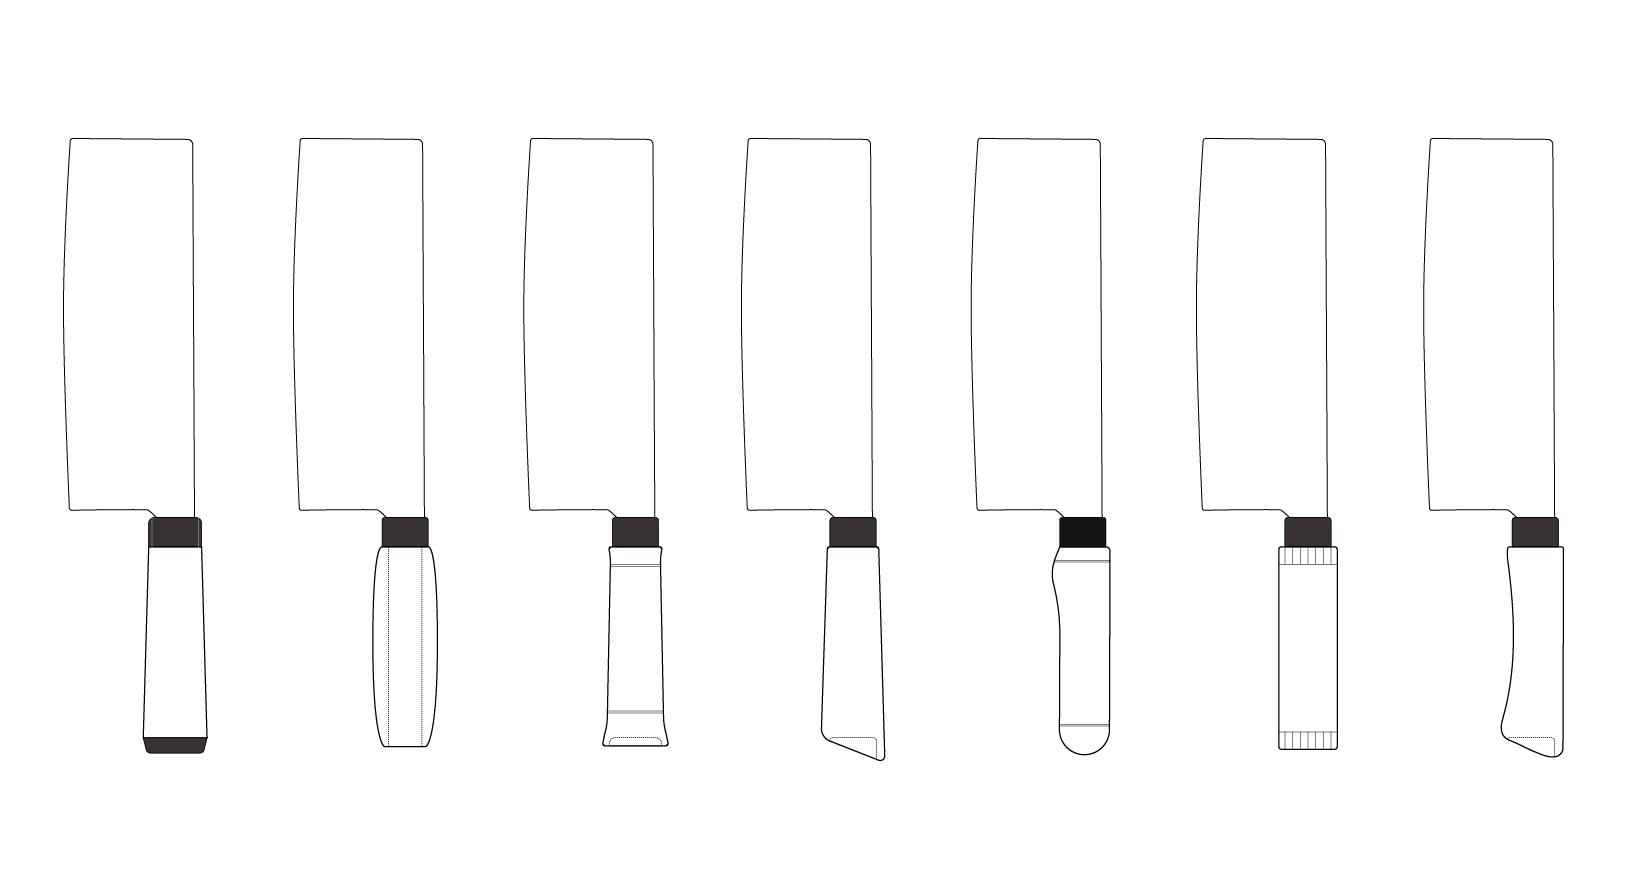 萬發鐵店 保留萬發打鐵鋪經典的刀面造型,重新設計刀把部分,以簡潔造型為主,為經典和現代造型並存。  發想時先畫了多種造型的握把,再進行實際使用的方式逐一淘汰不適合的,選出最好使用的刀把。   甘樂文創   甘之如飴,樂在其中